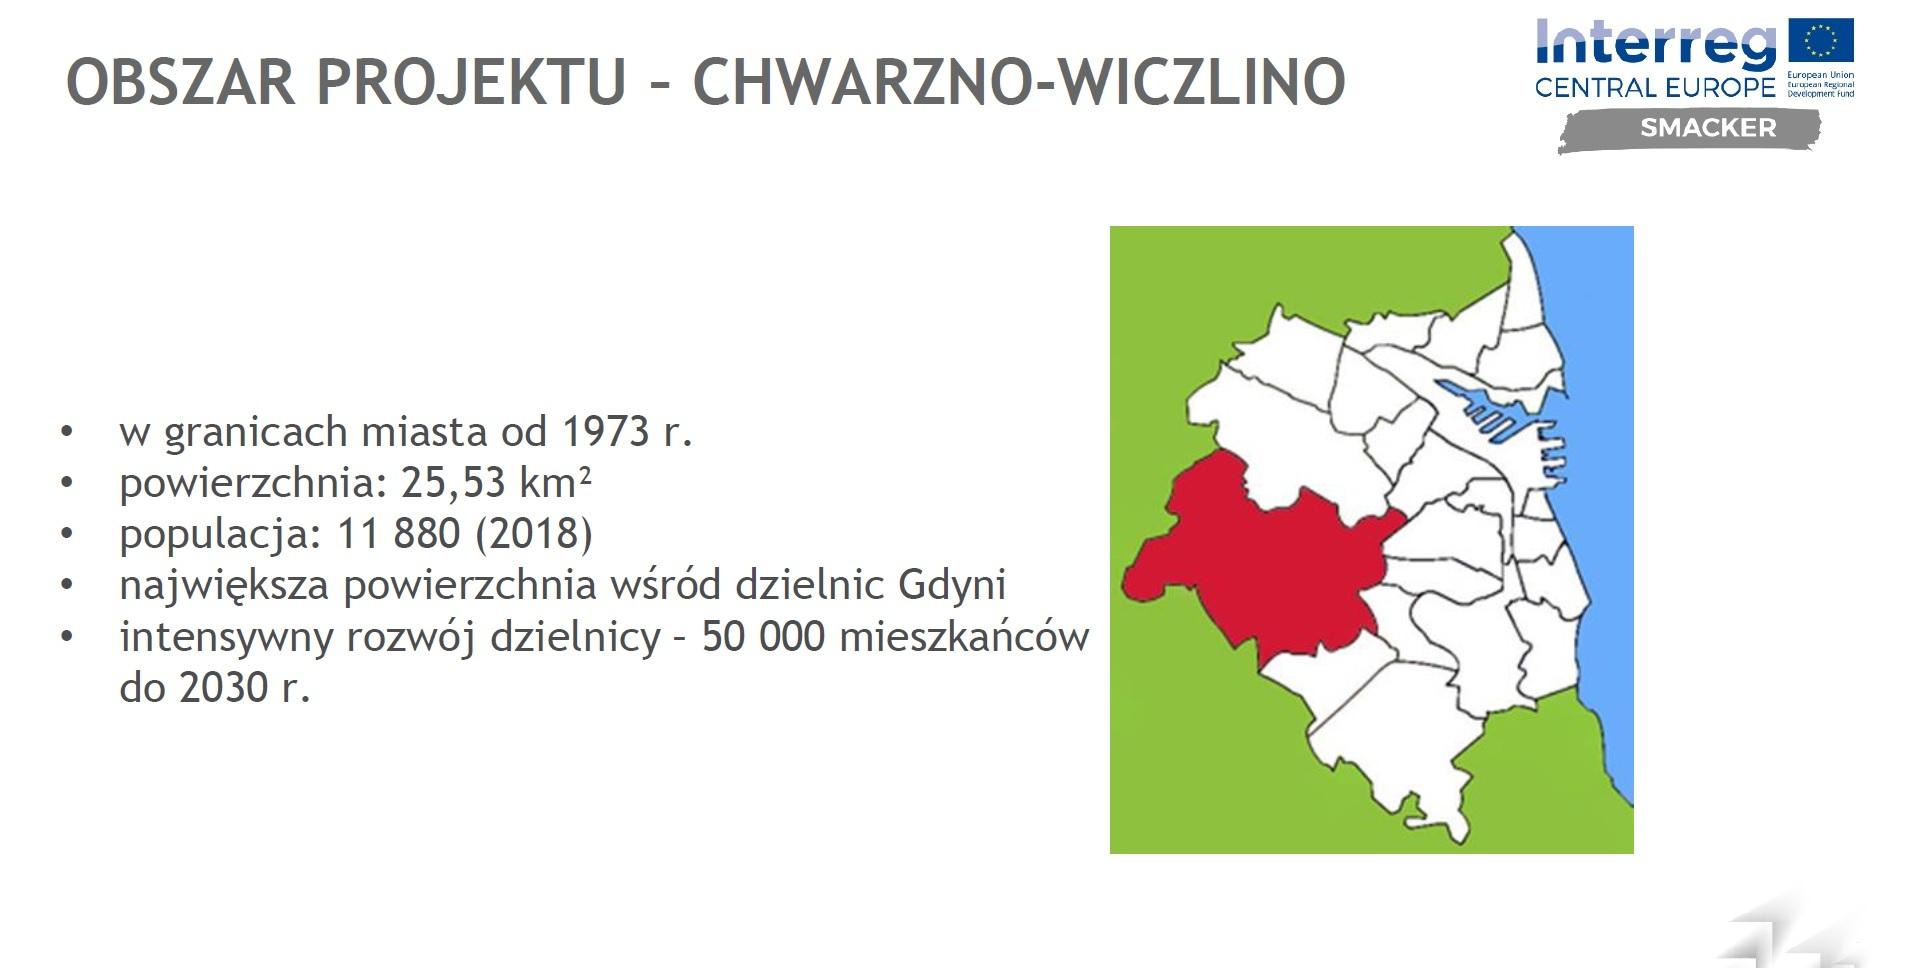 Obszarem pilotażowym projektu jest dzielnica Chwarzno-Wiczlino // fot. materiały Projektu SMACKER